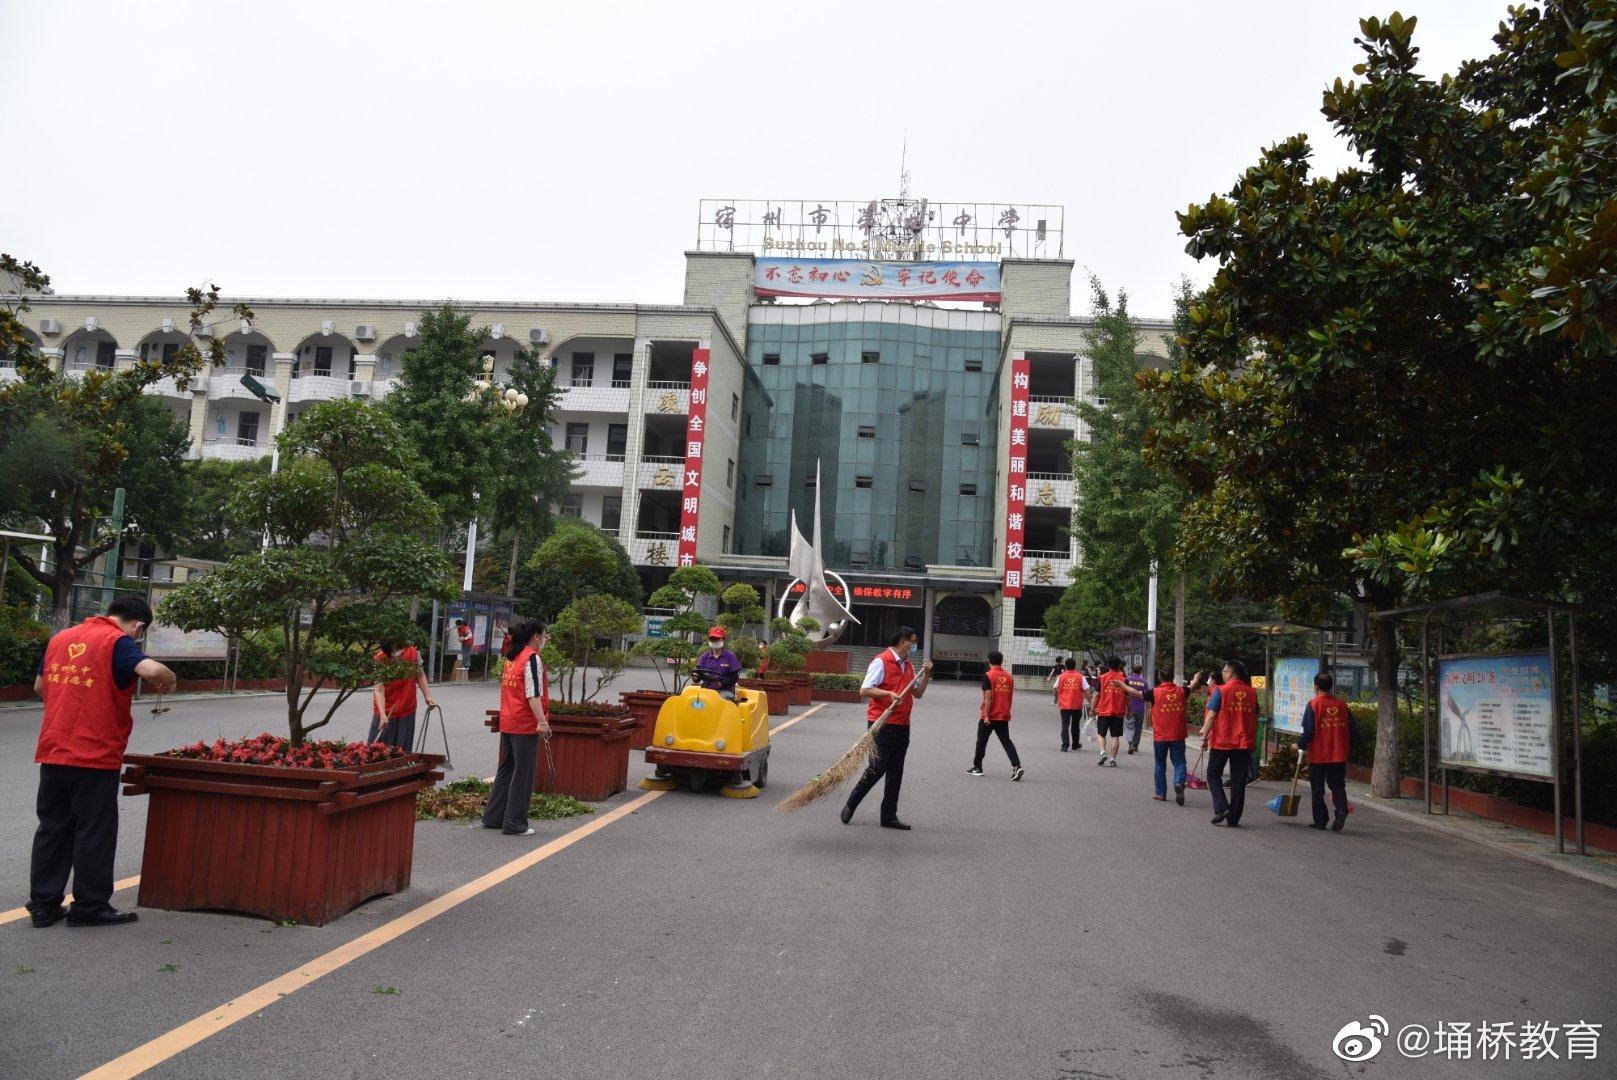 助力高考 净化校园----宿州九中党员志愿者在行动